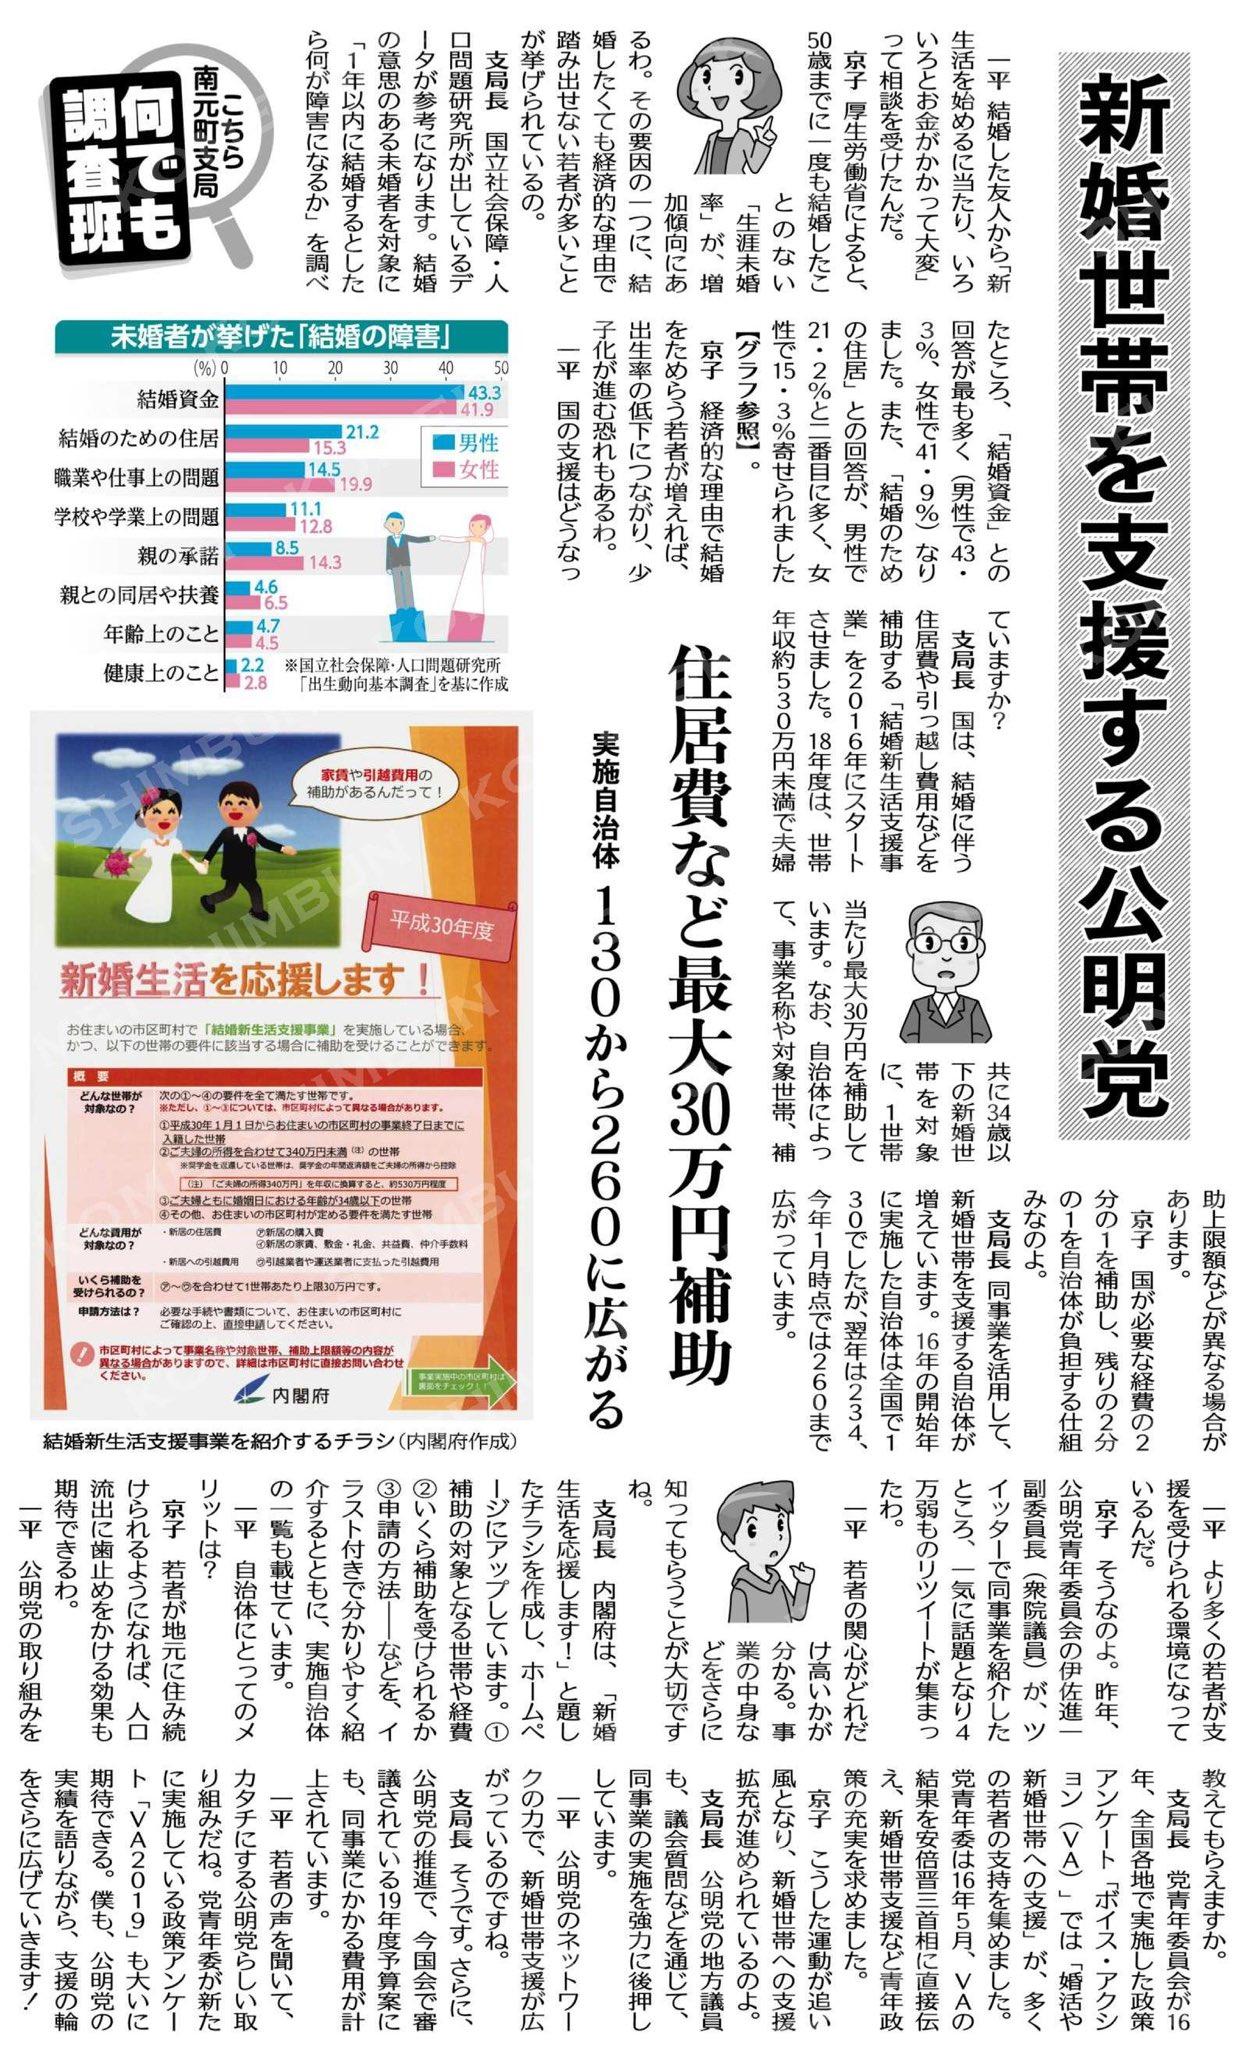 (KOMEI@「何でも調査班」)新婚世帯を支援する公明党/住居費など最大30万円補助/実施自治体130から260に広がる